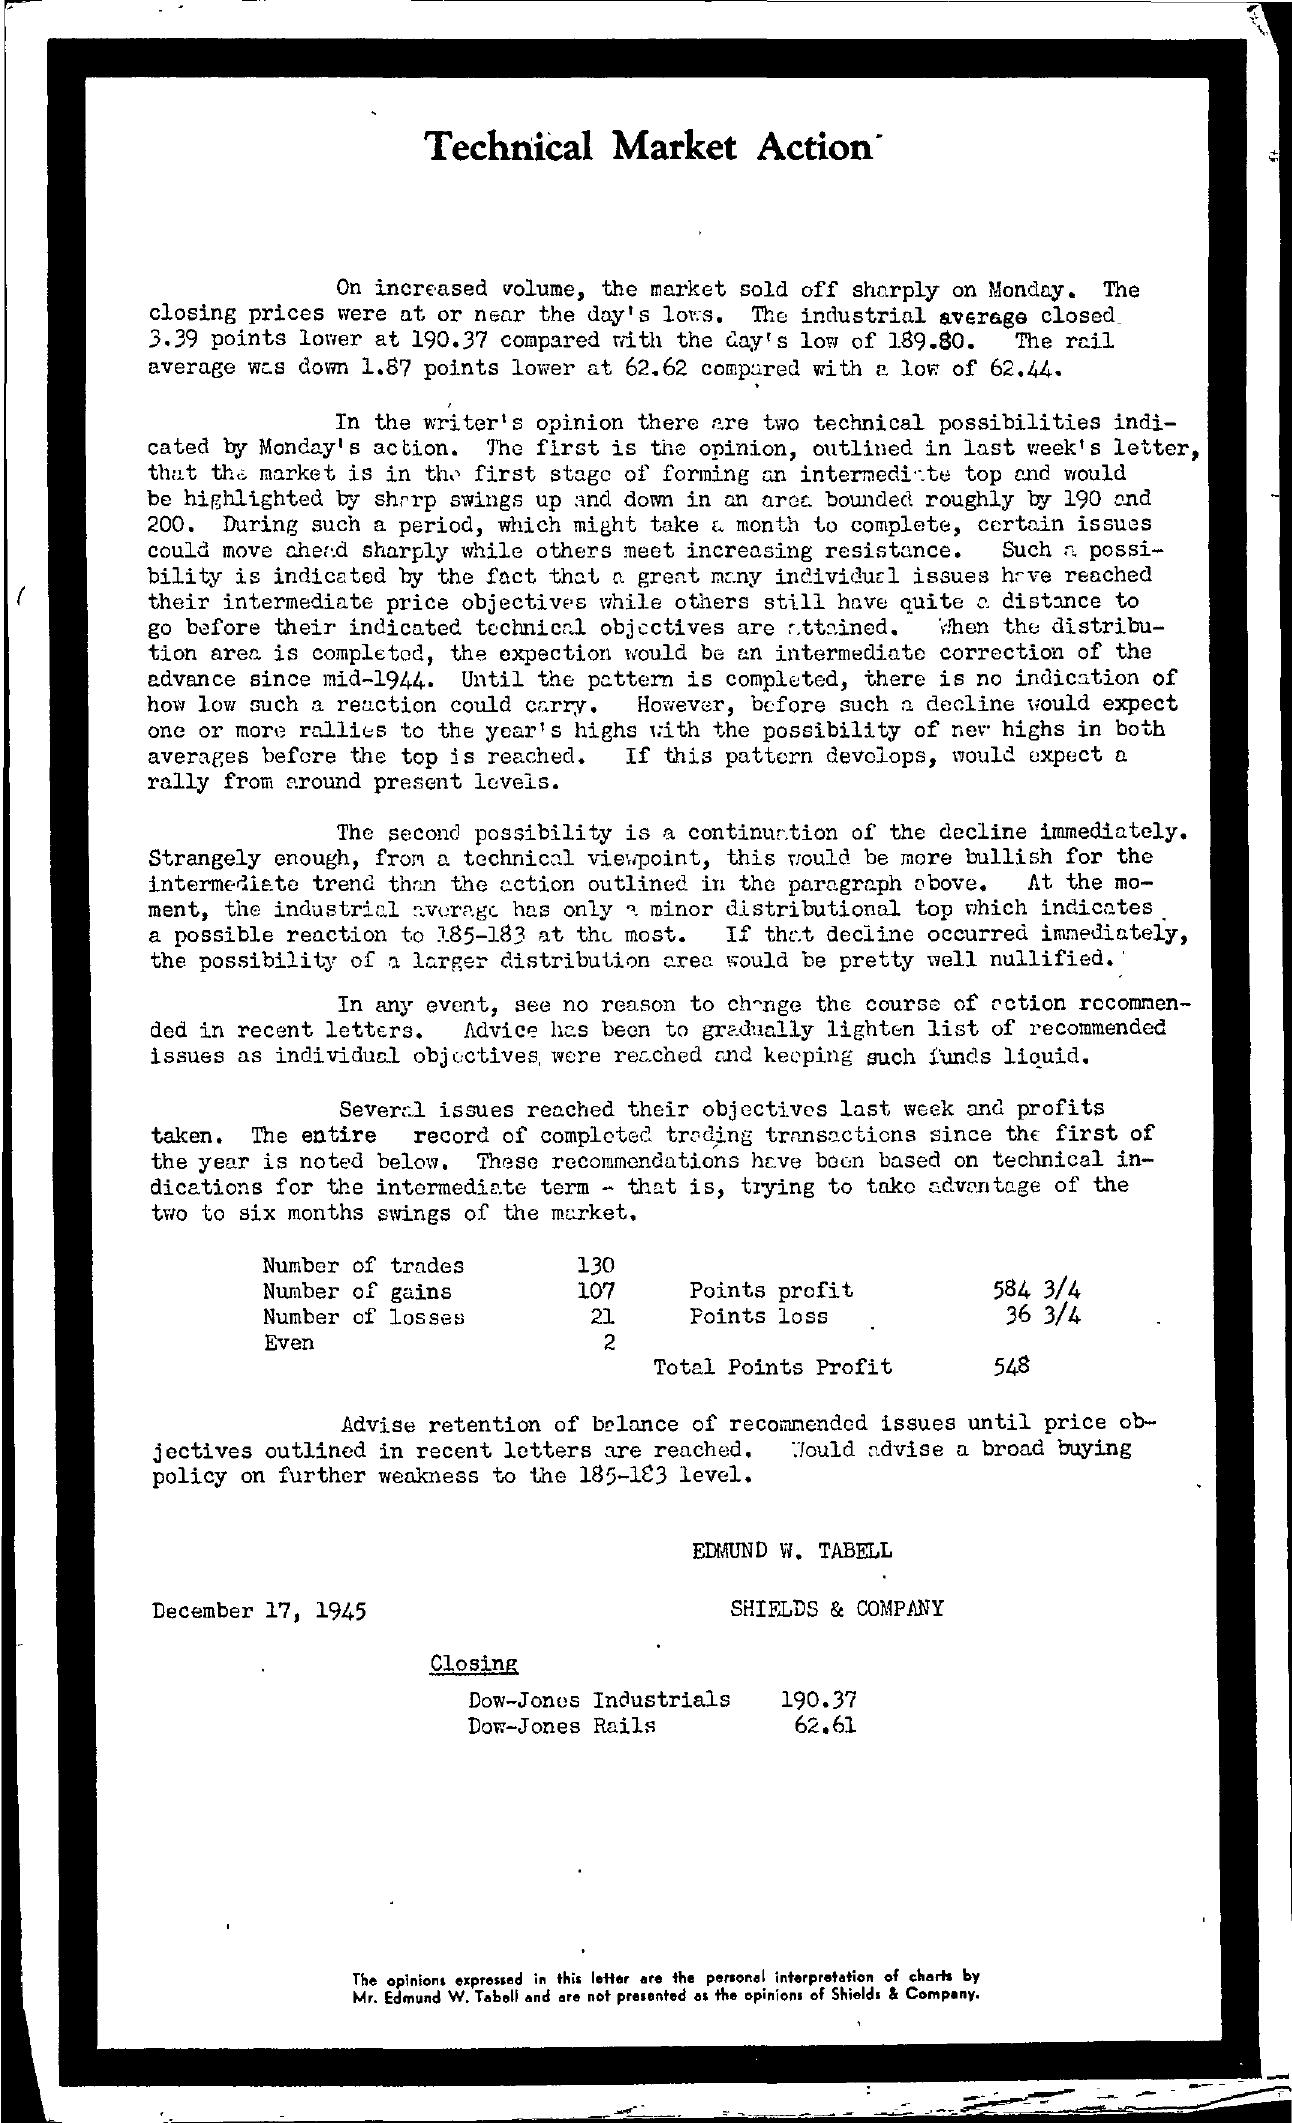 Tabell's Market Letter - December 17, 1945